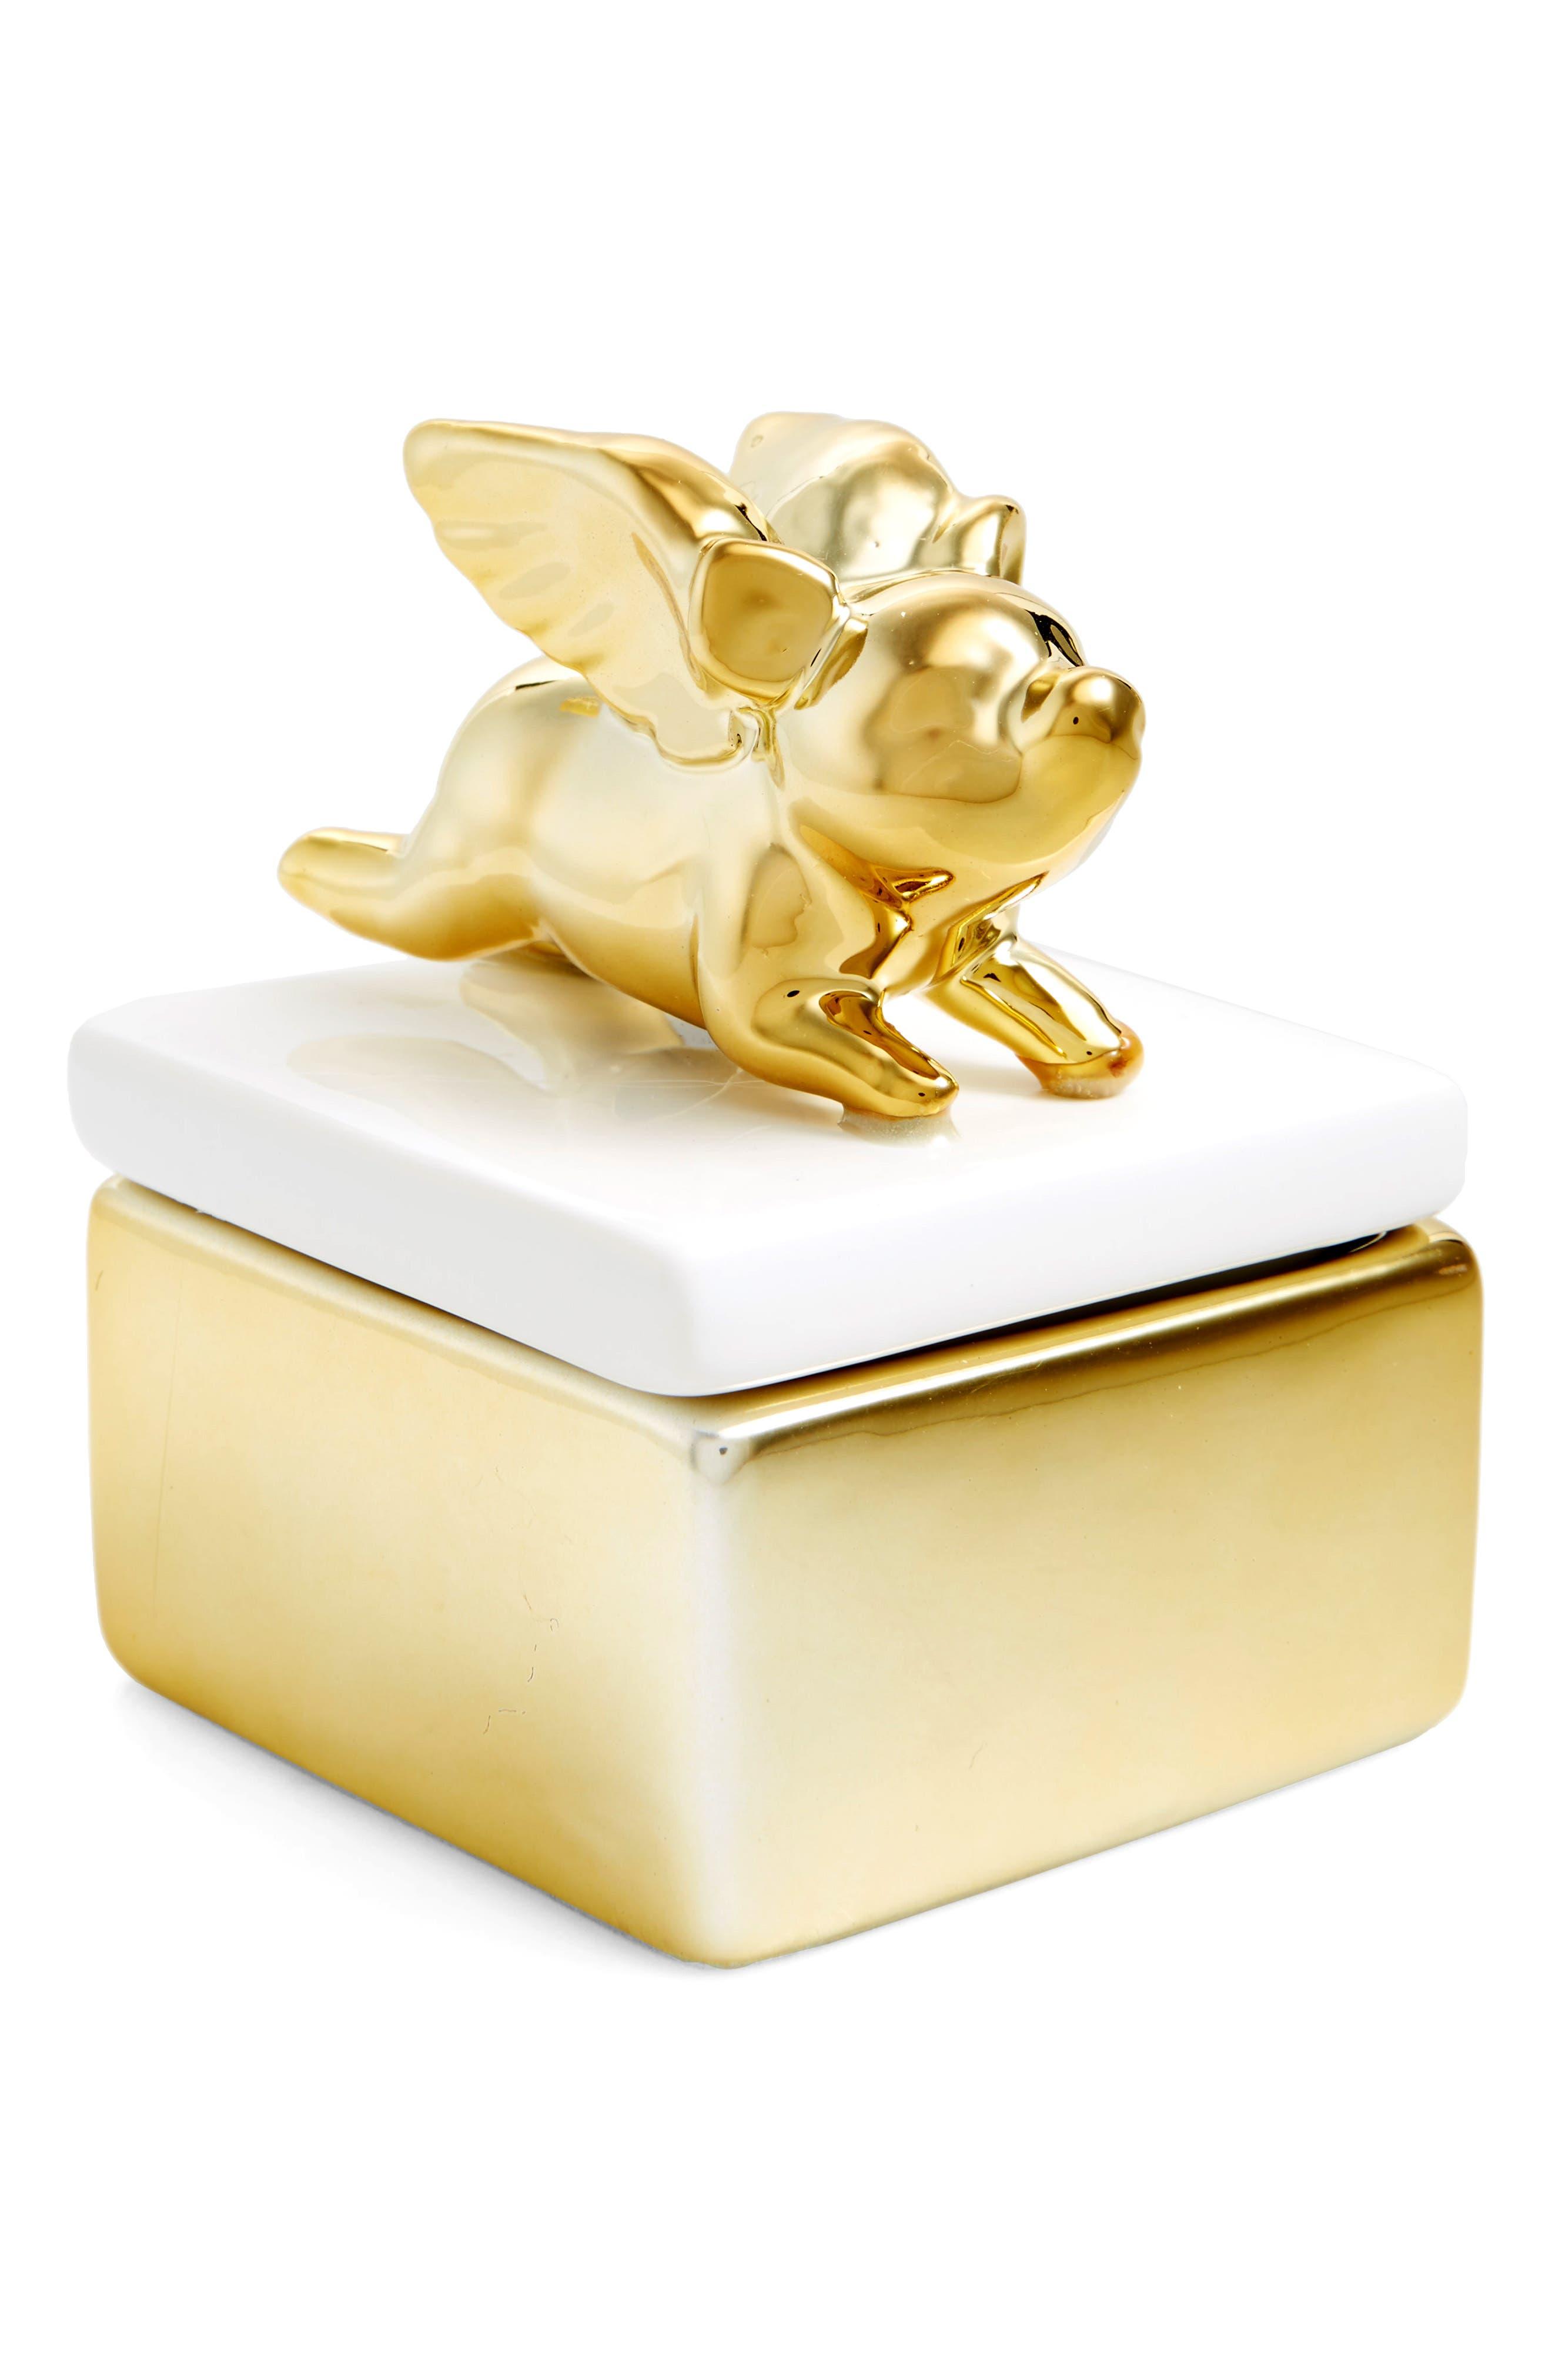 Flying Pig Trinket Box,                             Main thumbnail 1, color,                             Gold